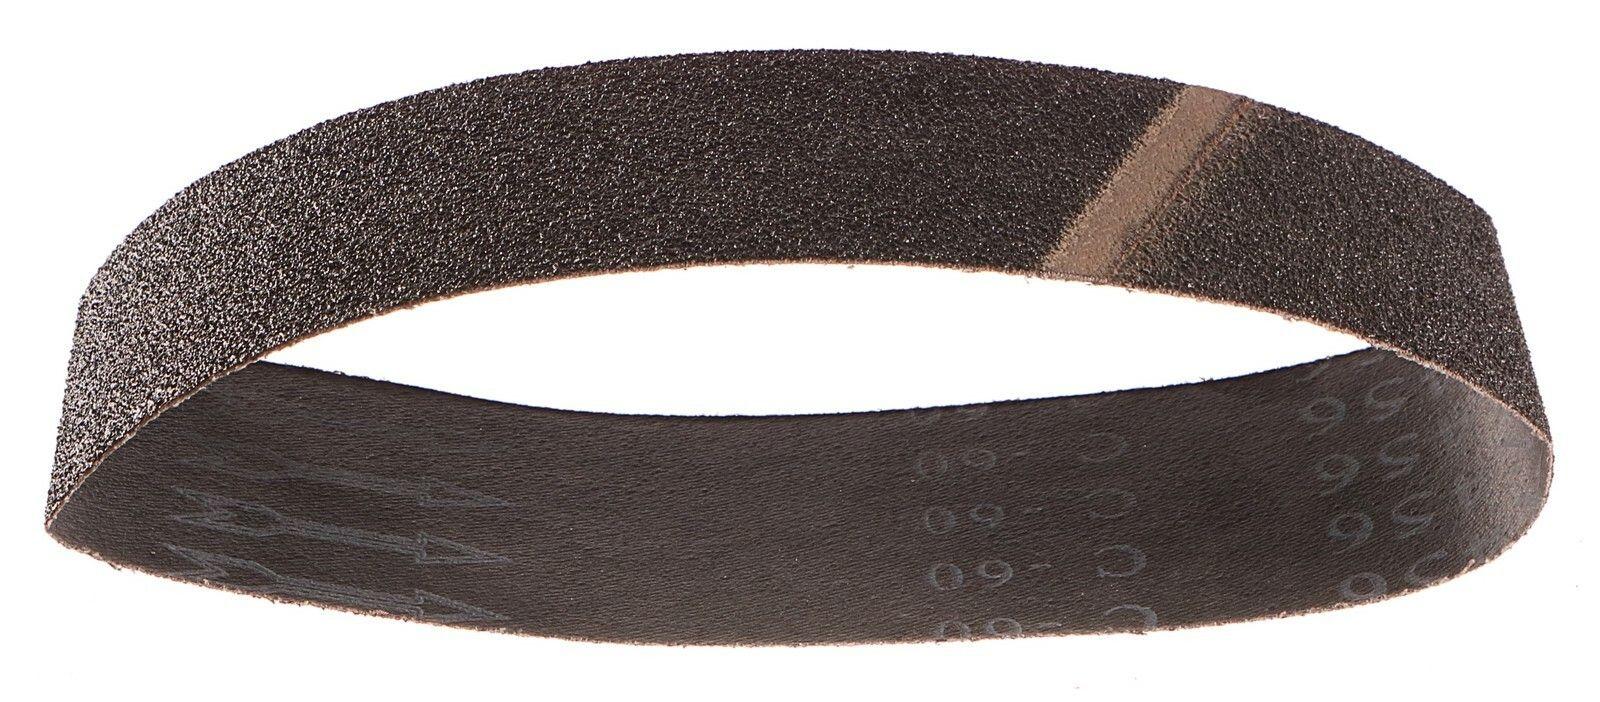 Plátno brusné nekonečný pás, 75x533mm, P60 GEKO